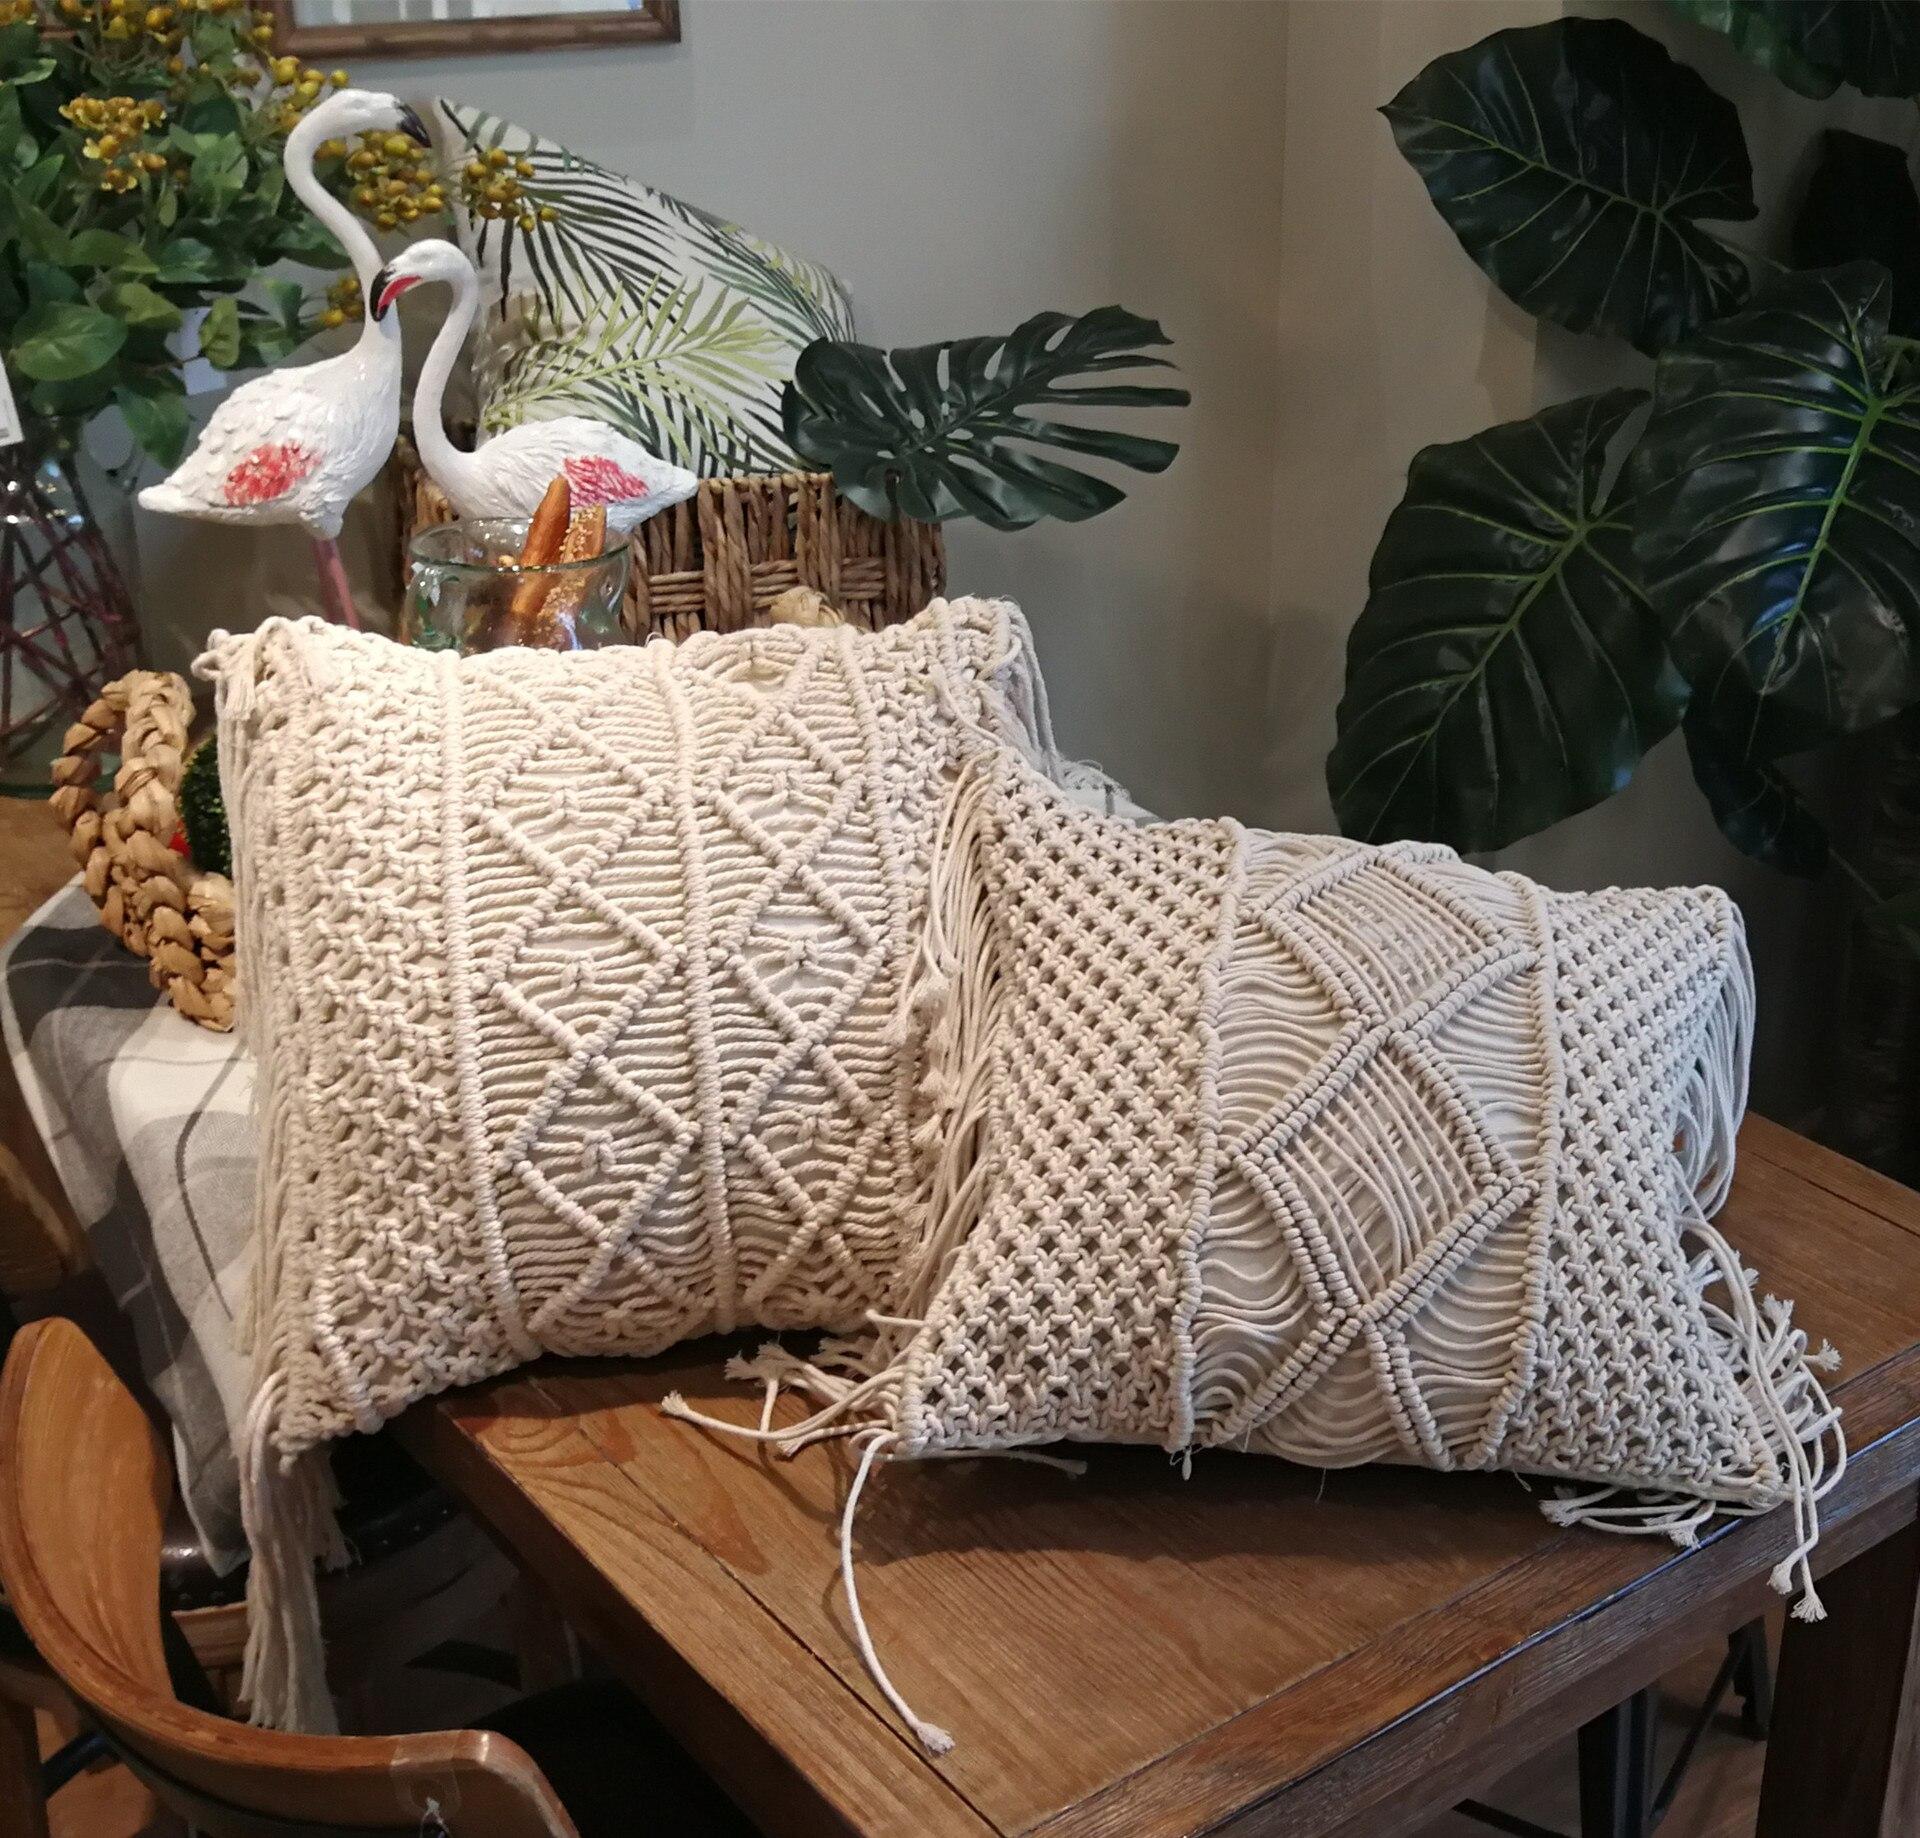 45x45cm, funda de cojín de macramé de punto con borlas, funda de cojín hecha a mano, cojín decorativo para sofá de estilo libre para sala de estar